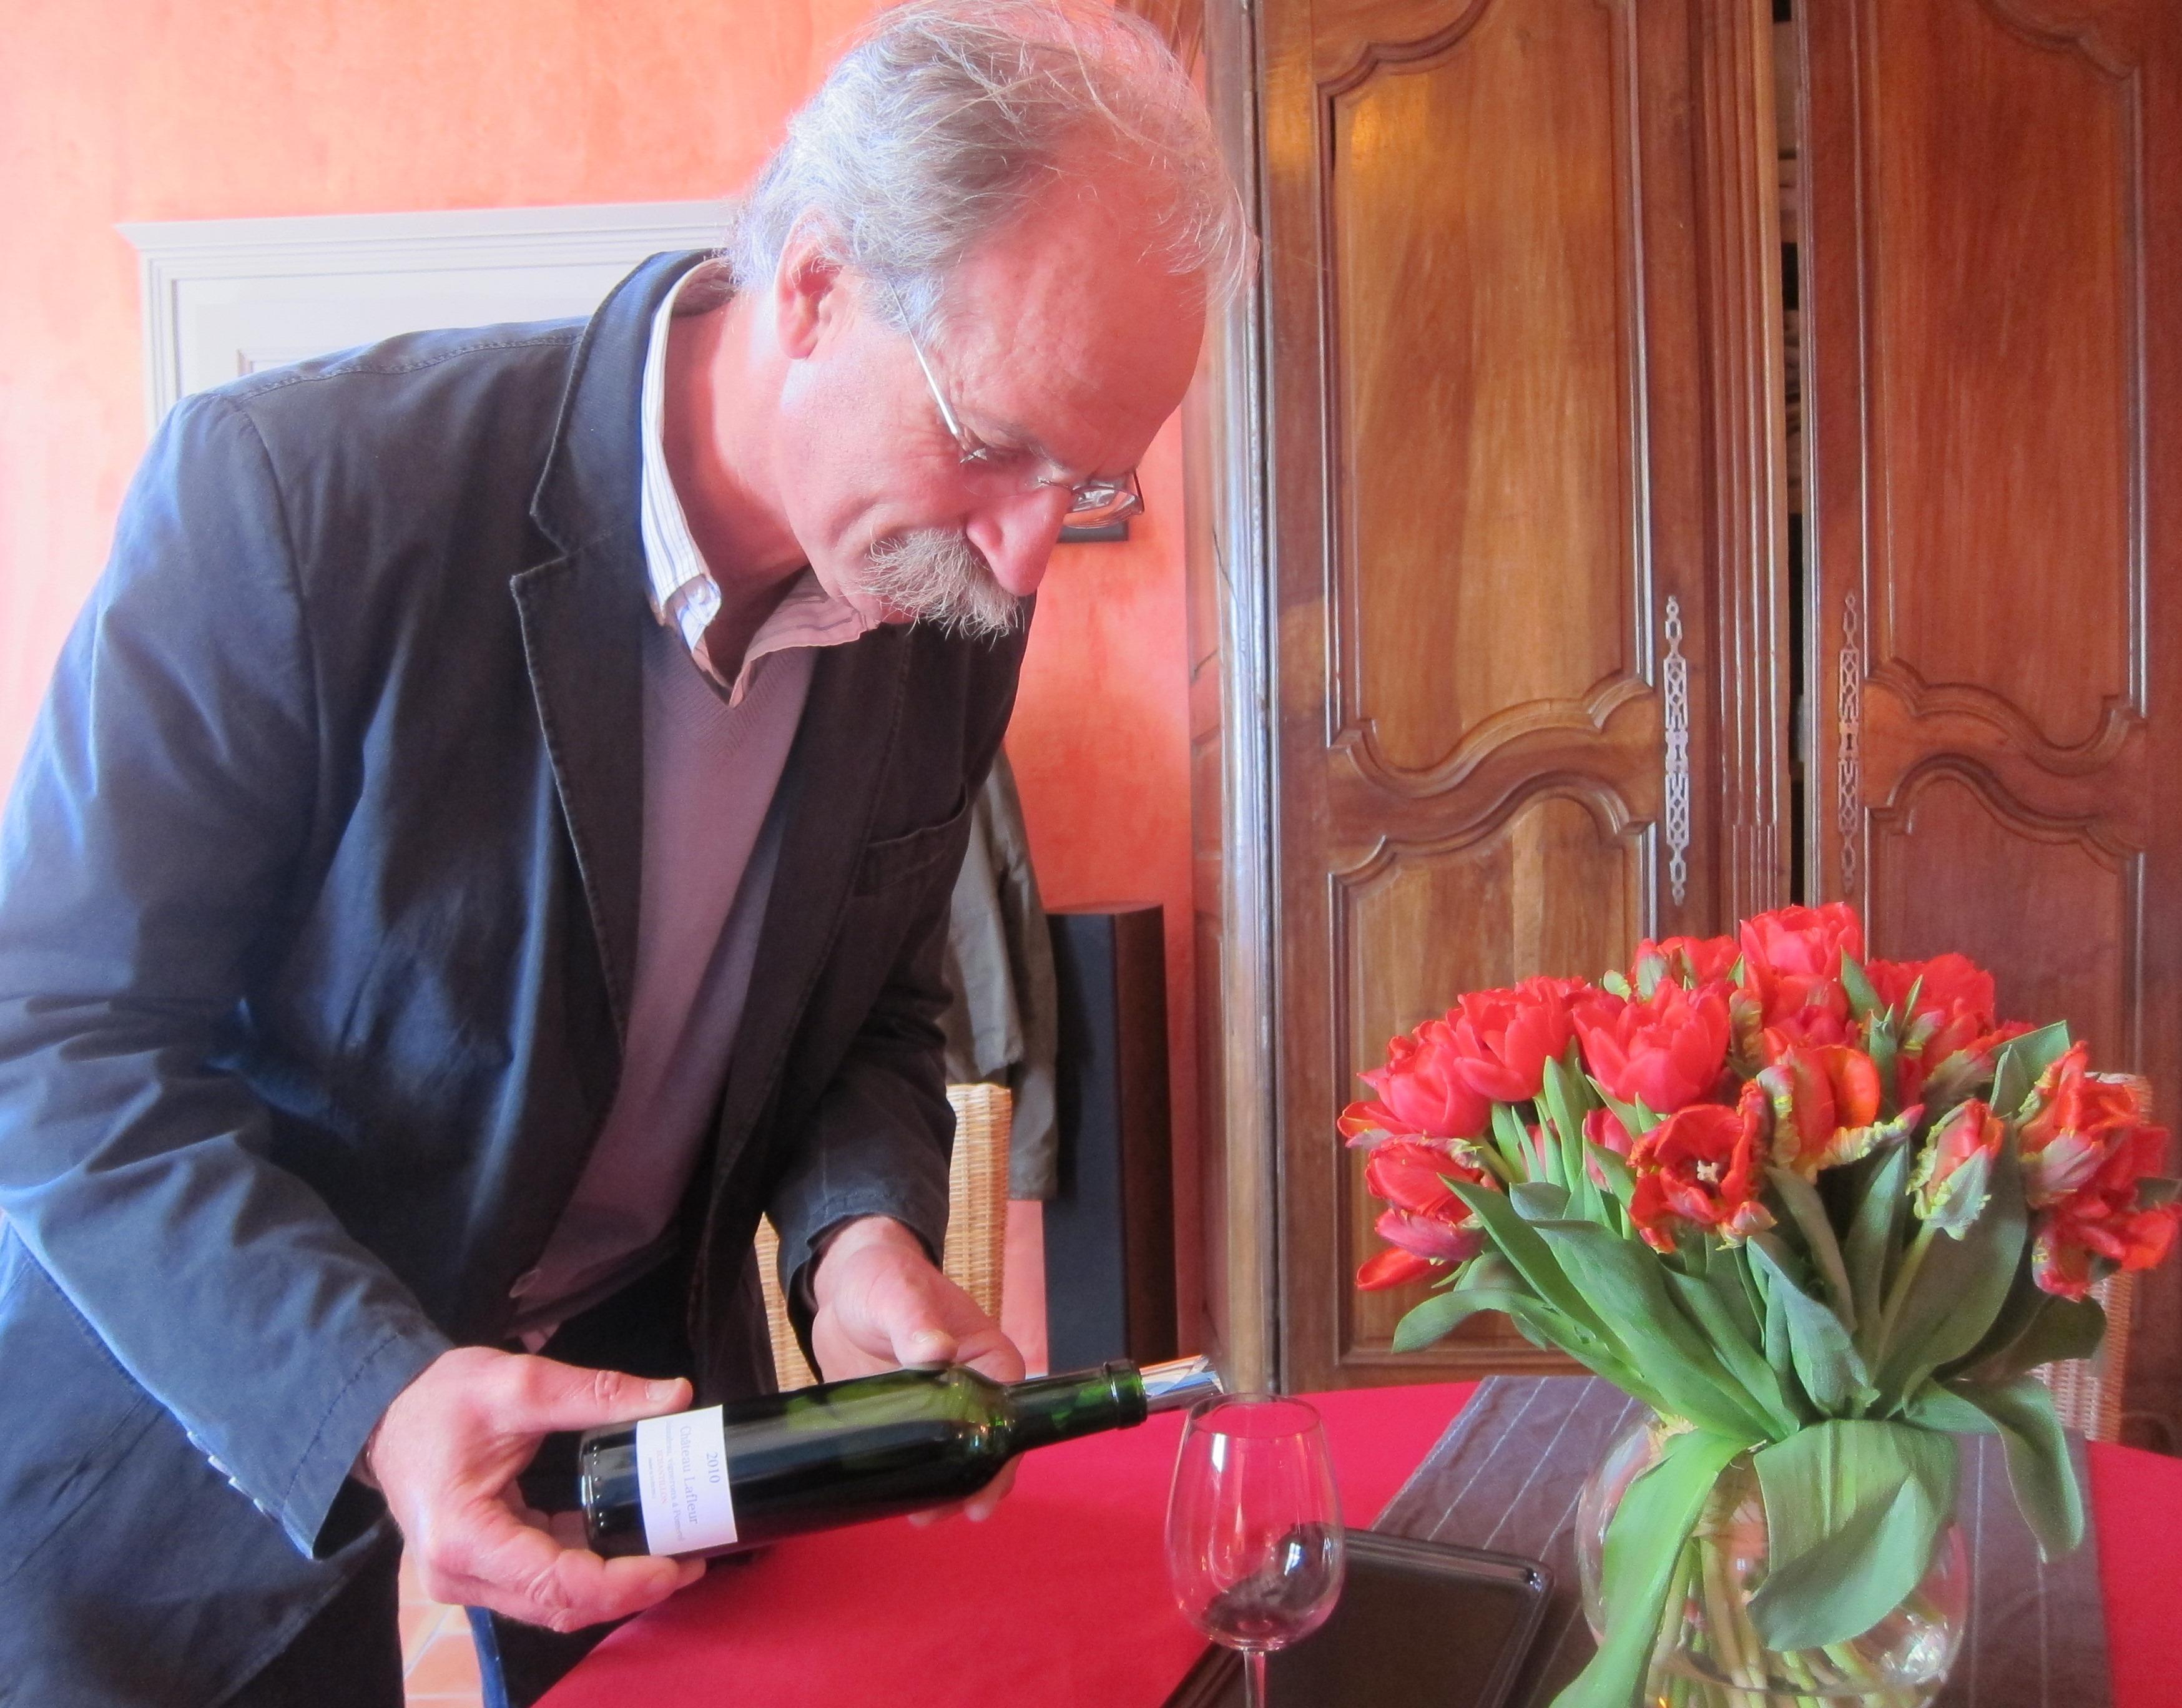 2010 chateau Lafleur pomerol bordeaux wine